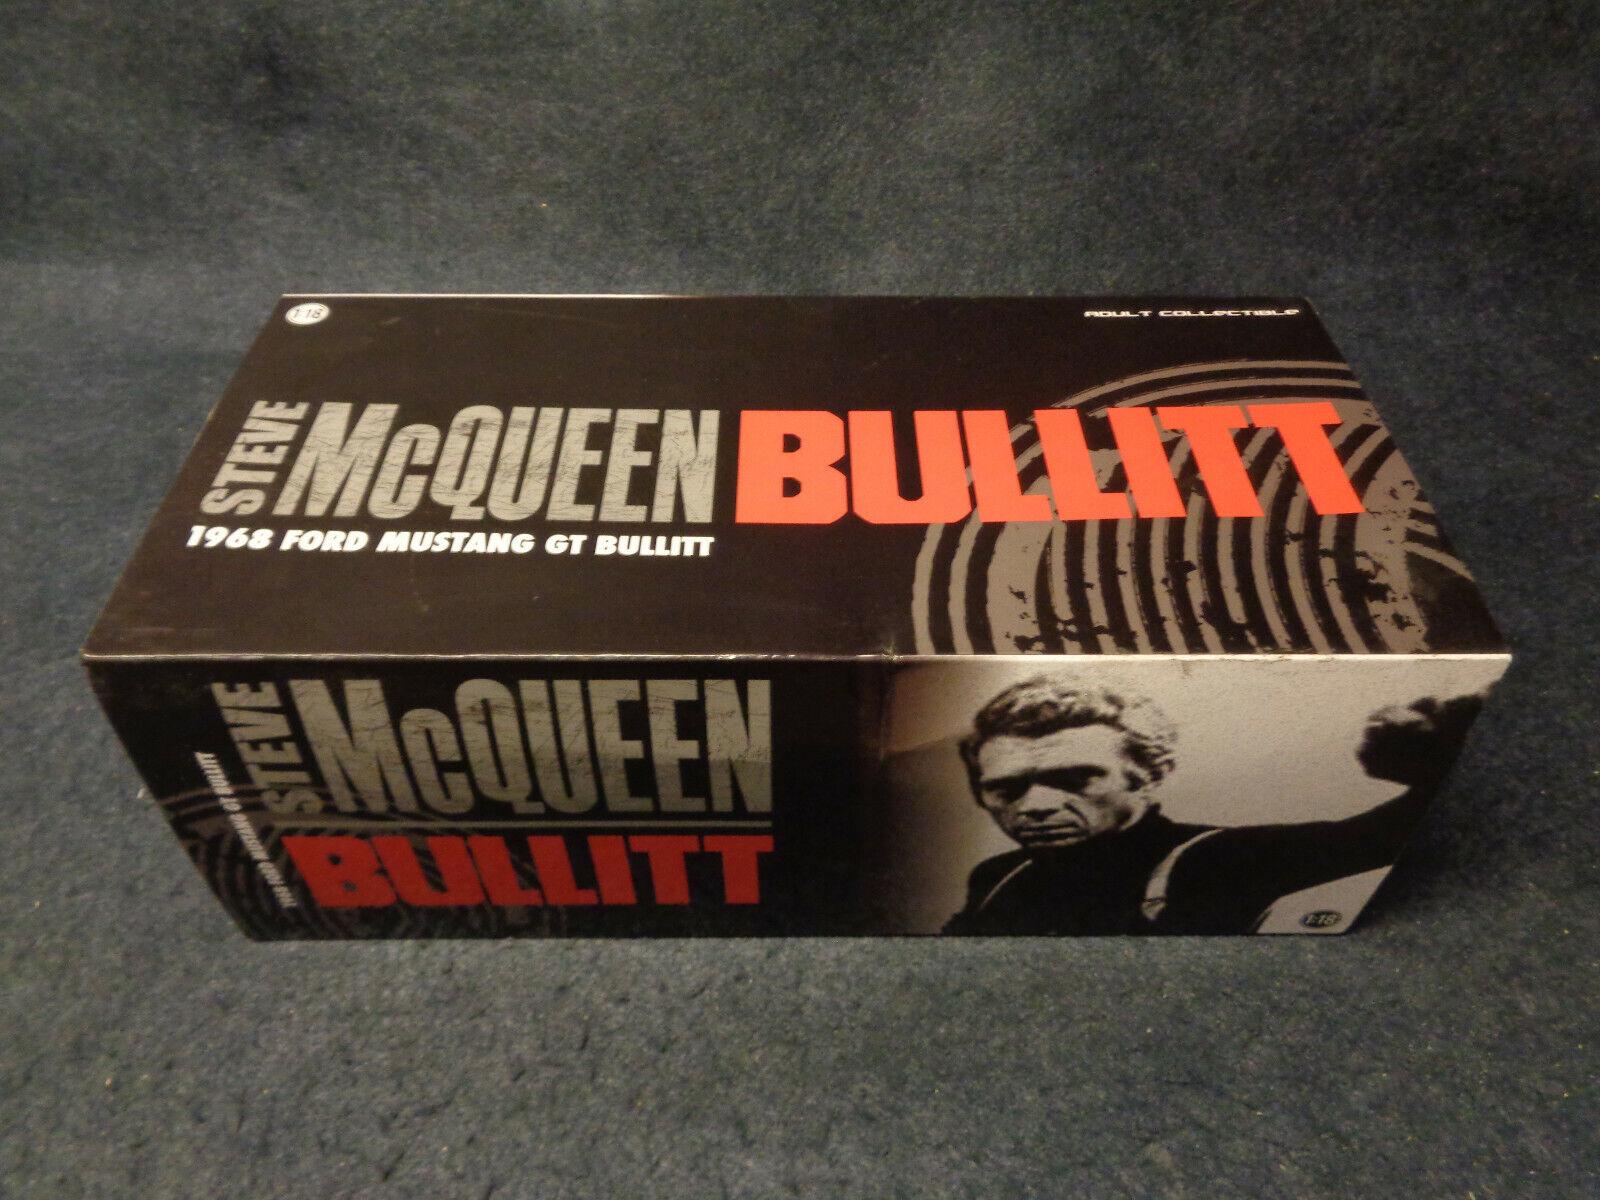 1968 FORD MUSTANG GT BULLIT STEVE MCQUEEN BULLIT vertLIGHT DIE CAST 1 18-O17-FL